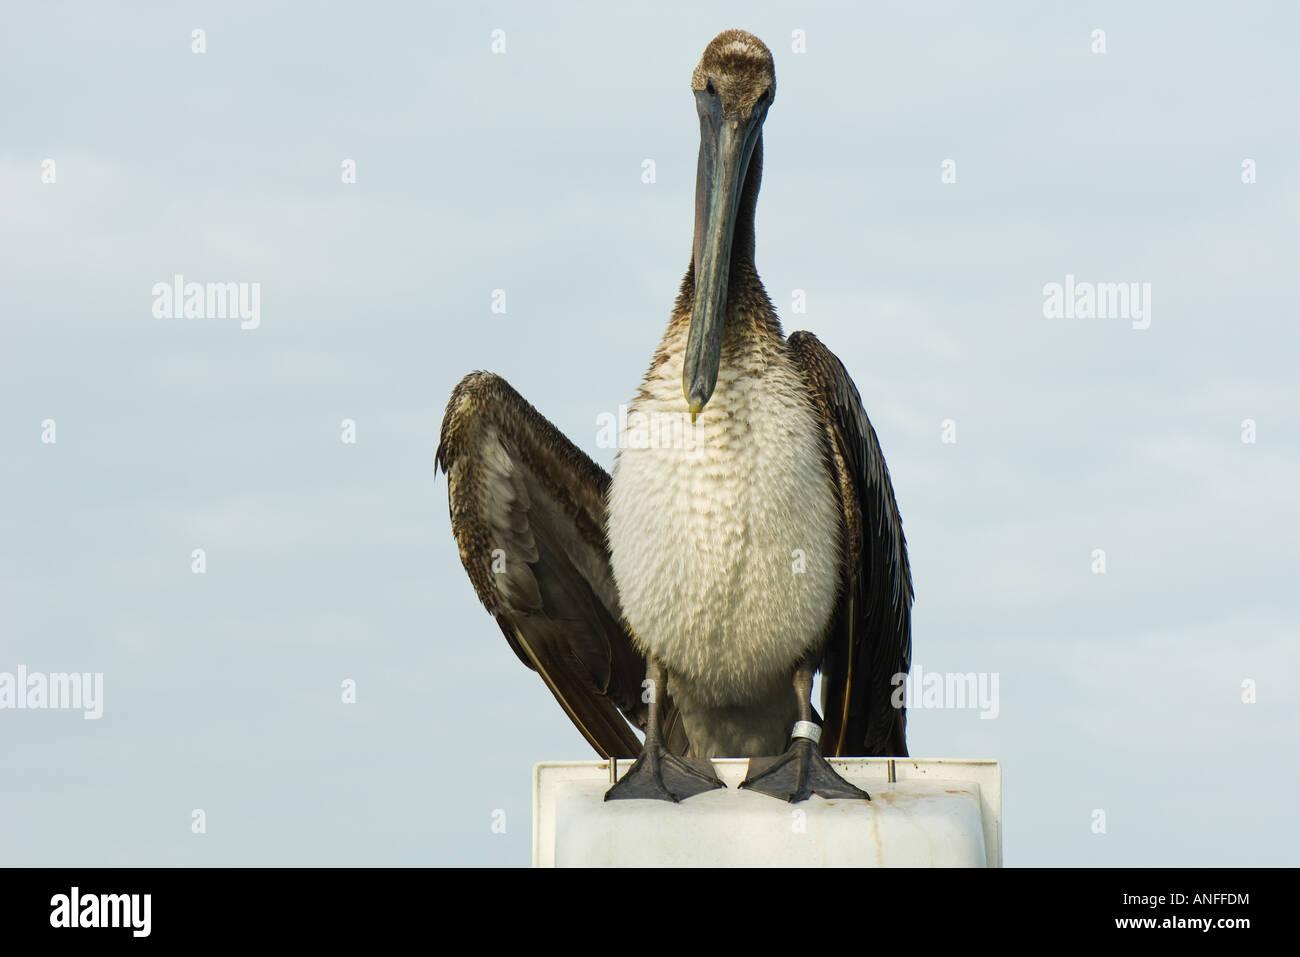 Juvenile Brown Pelican (Pelecanus occidentalis) - Stock Image